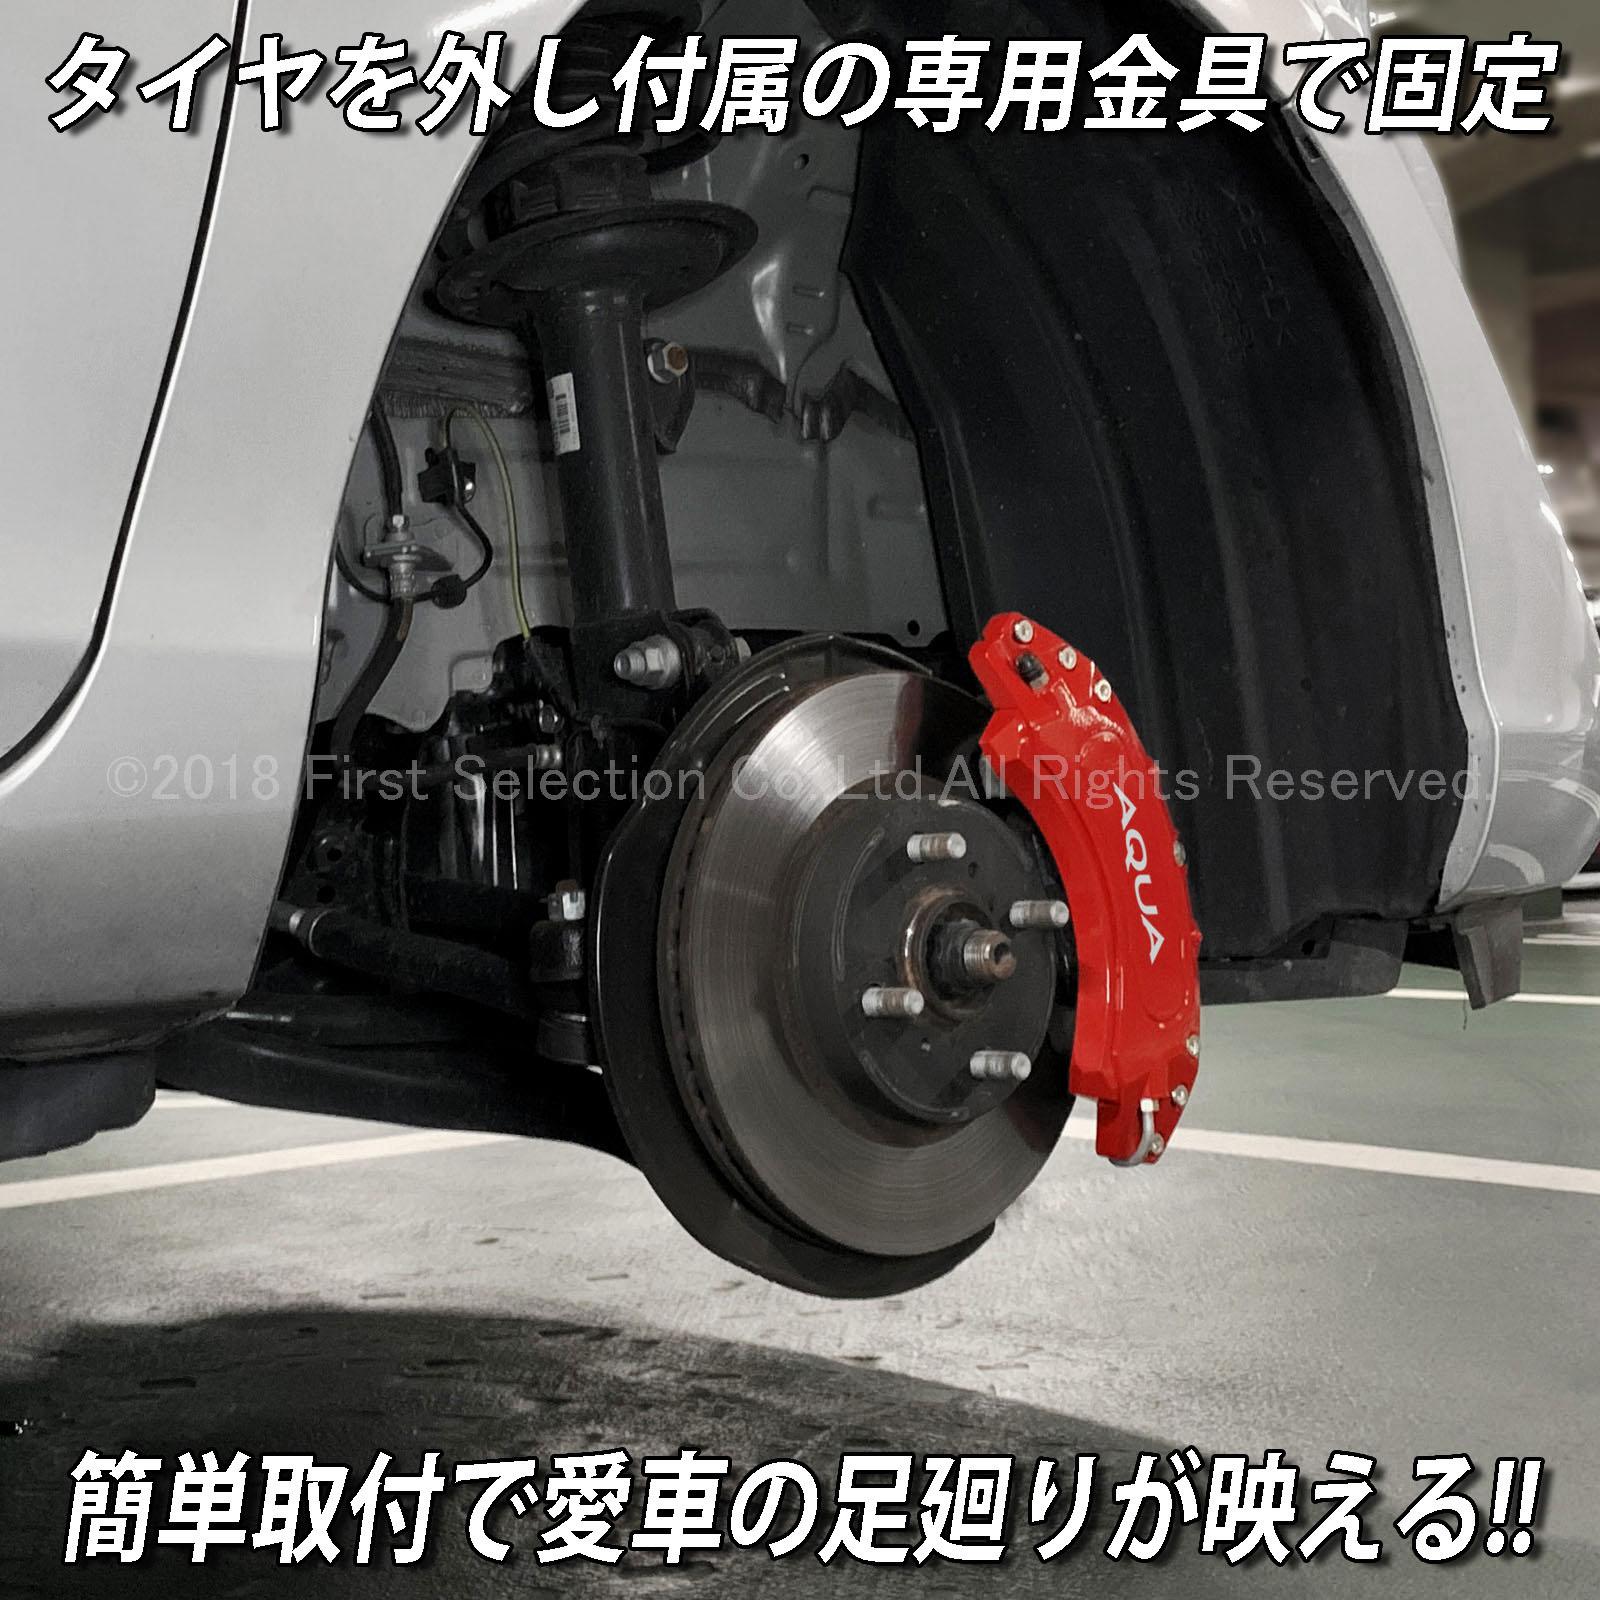 トヨタ車 AQUAロゴ銀文字 アクア10系用 高耐久金属製キャリパーカバーセット赤 10アクア 10AQUA NHP10